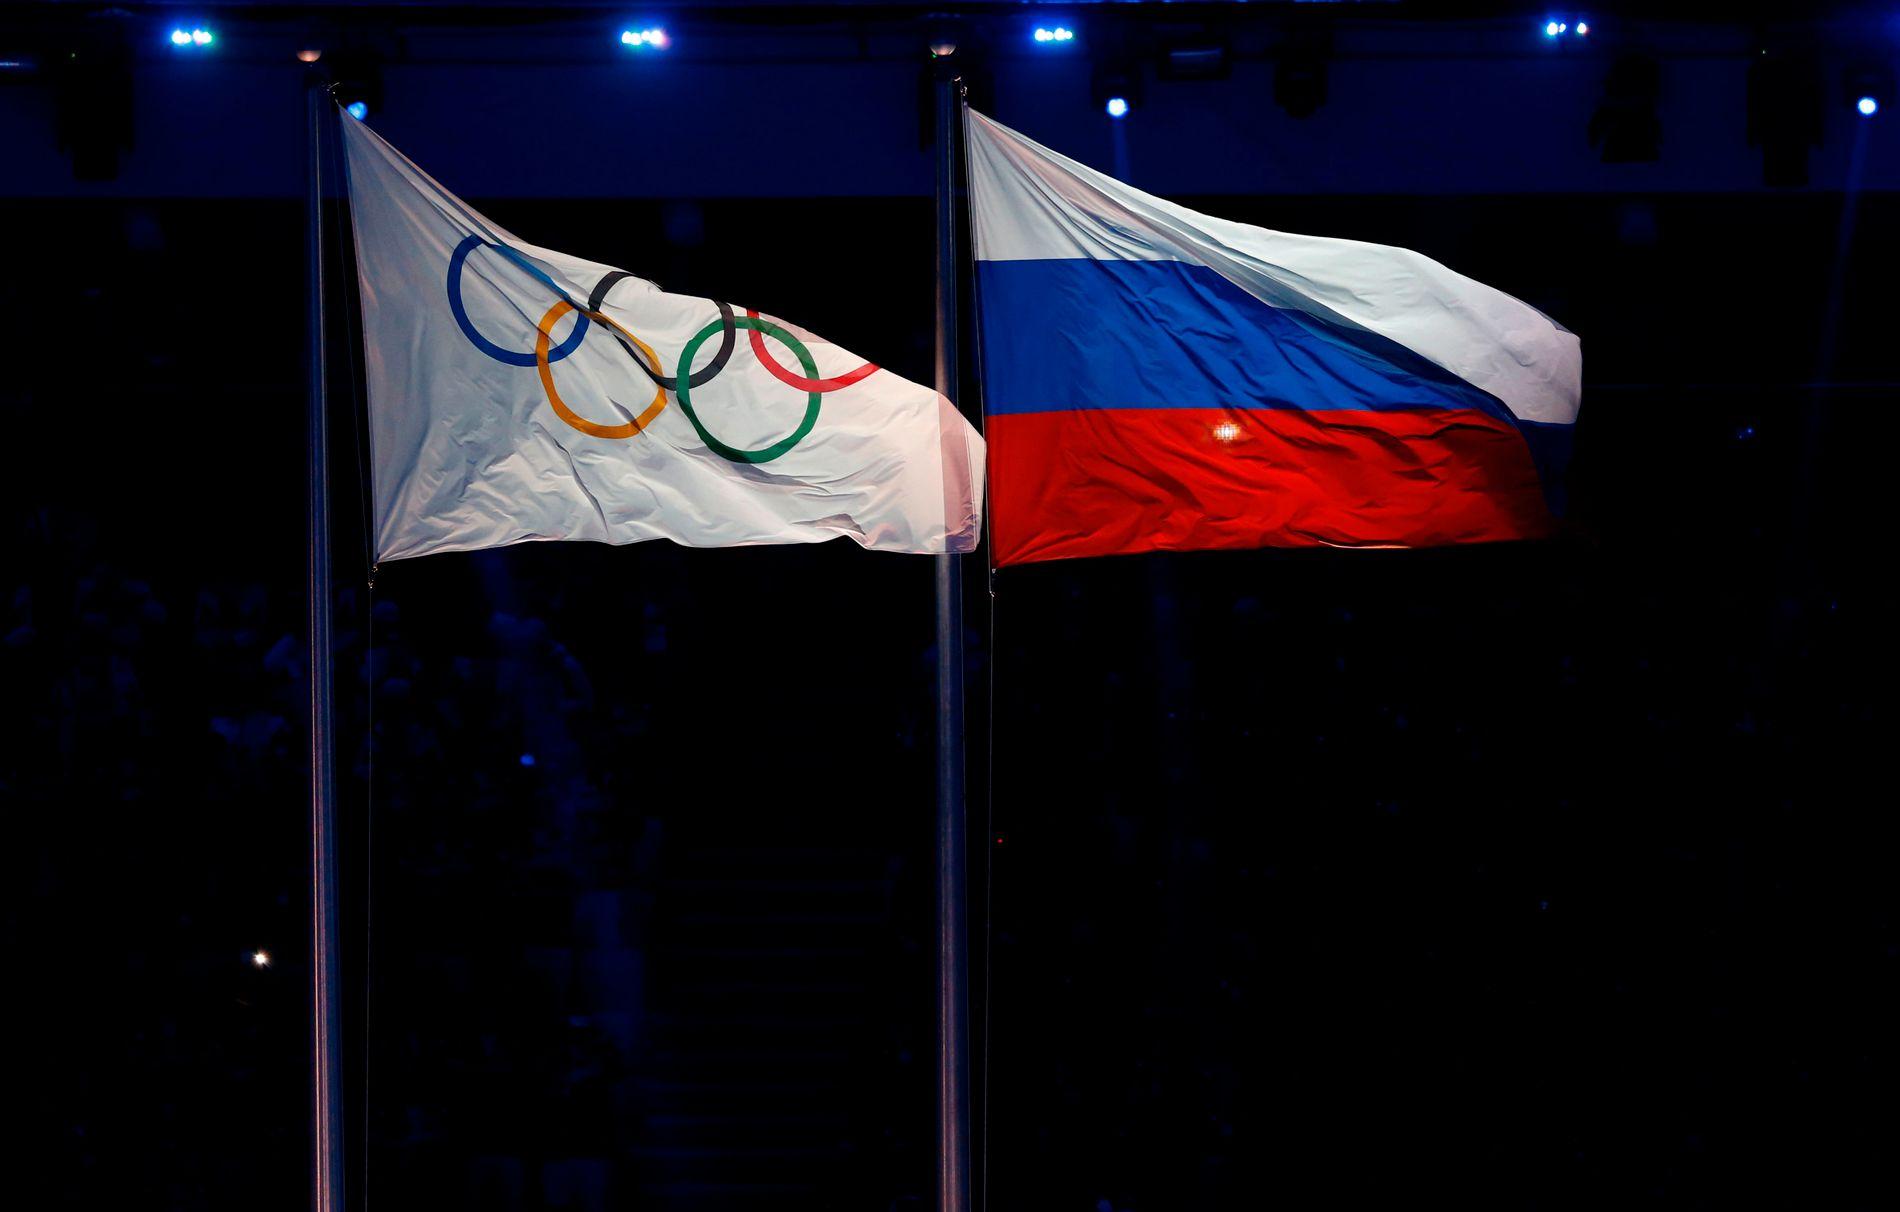 ÅPNING: OL i 2014 ble holdt i Sotsji. Her et bilde fra åpningsseremonien.